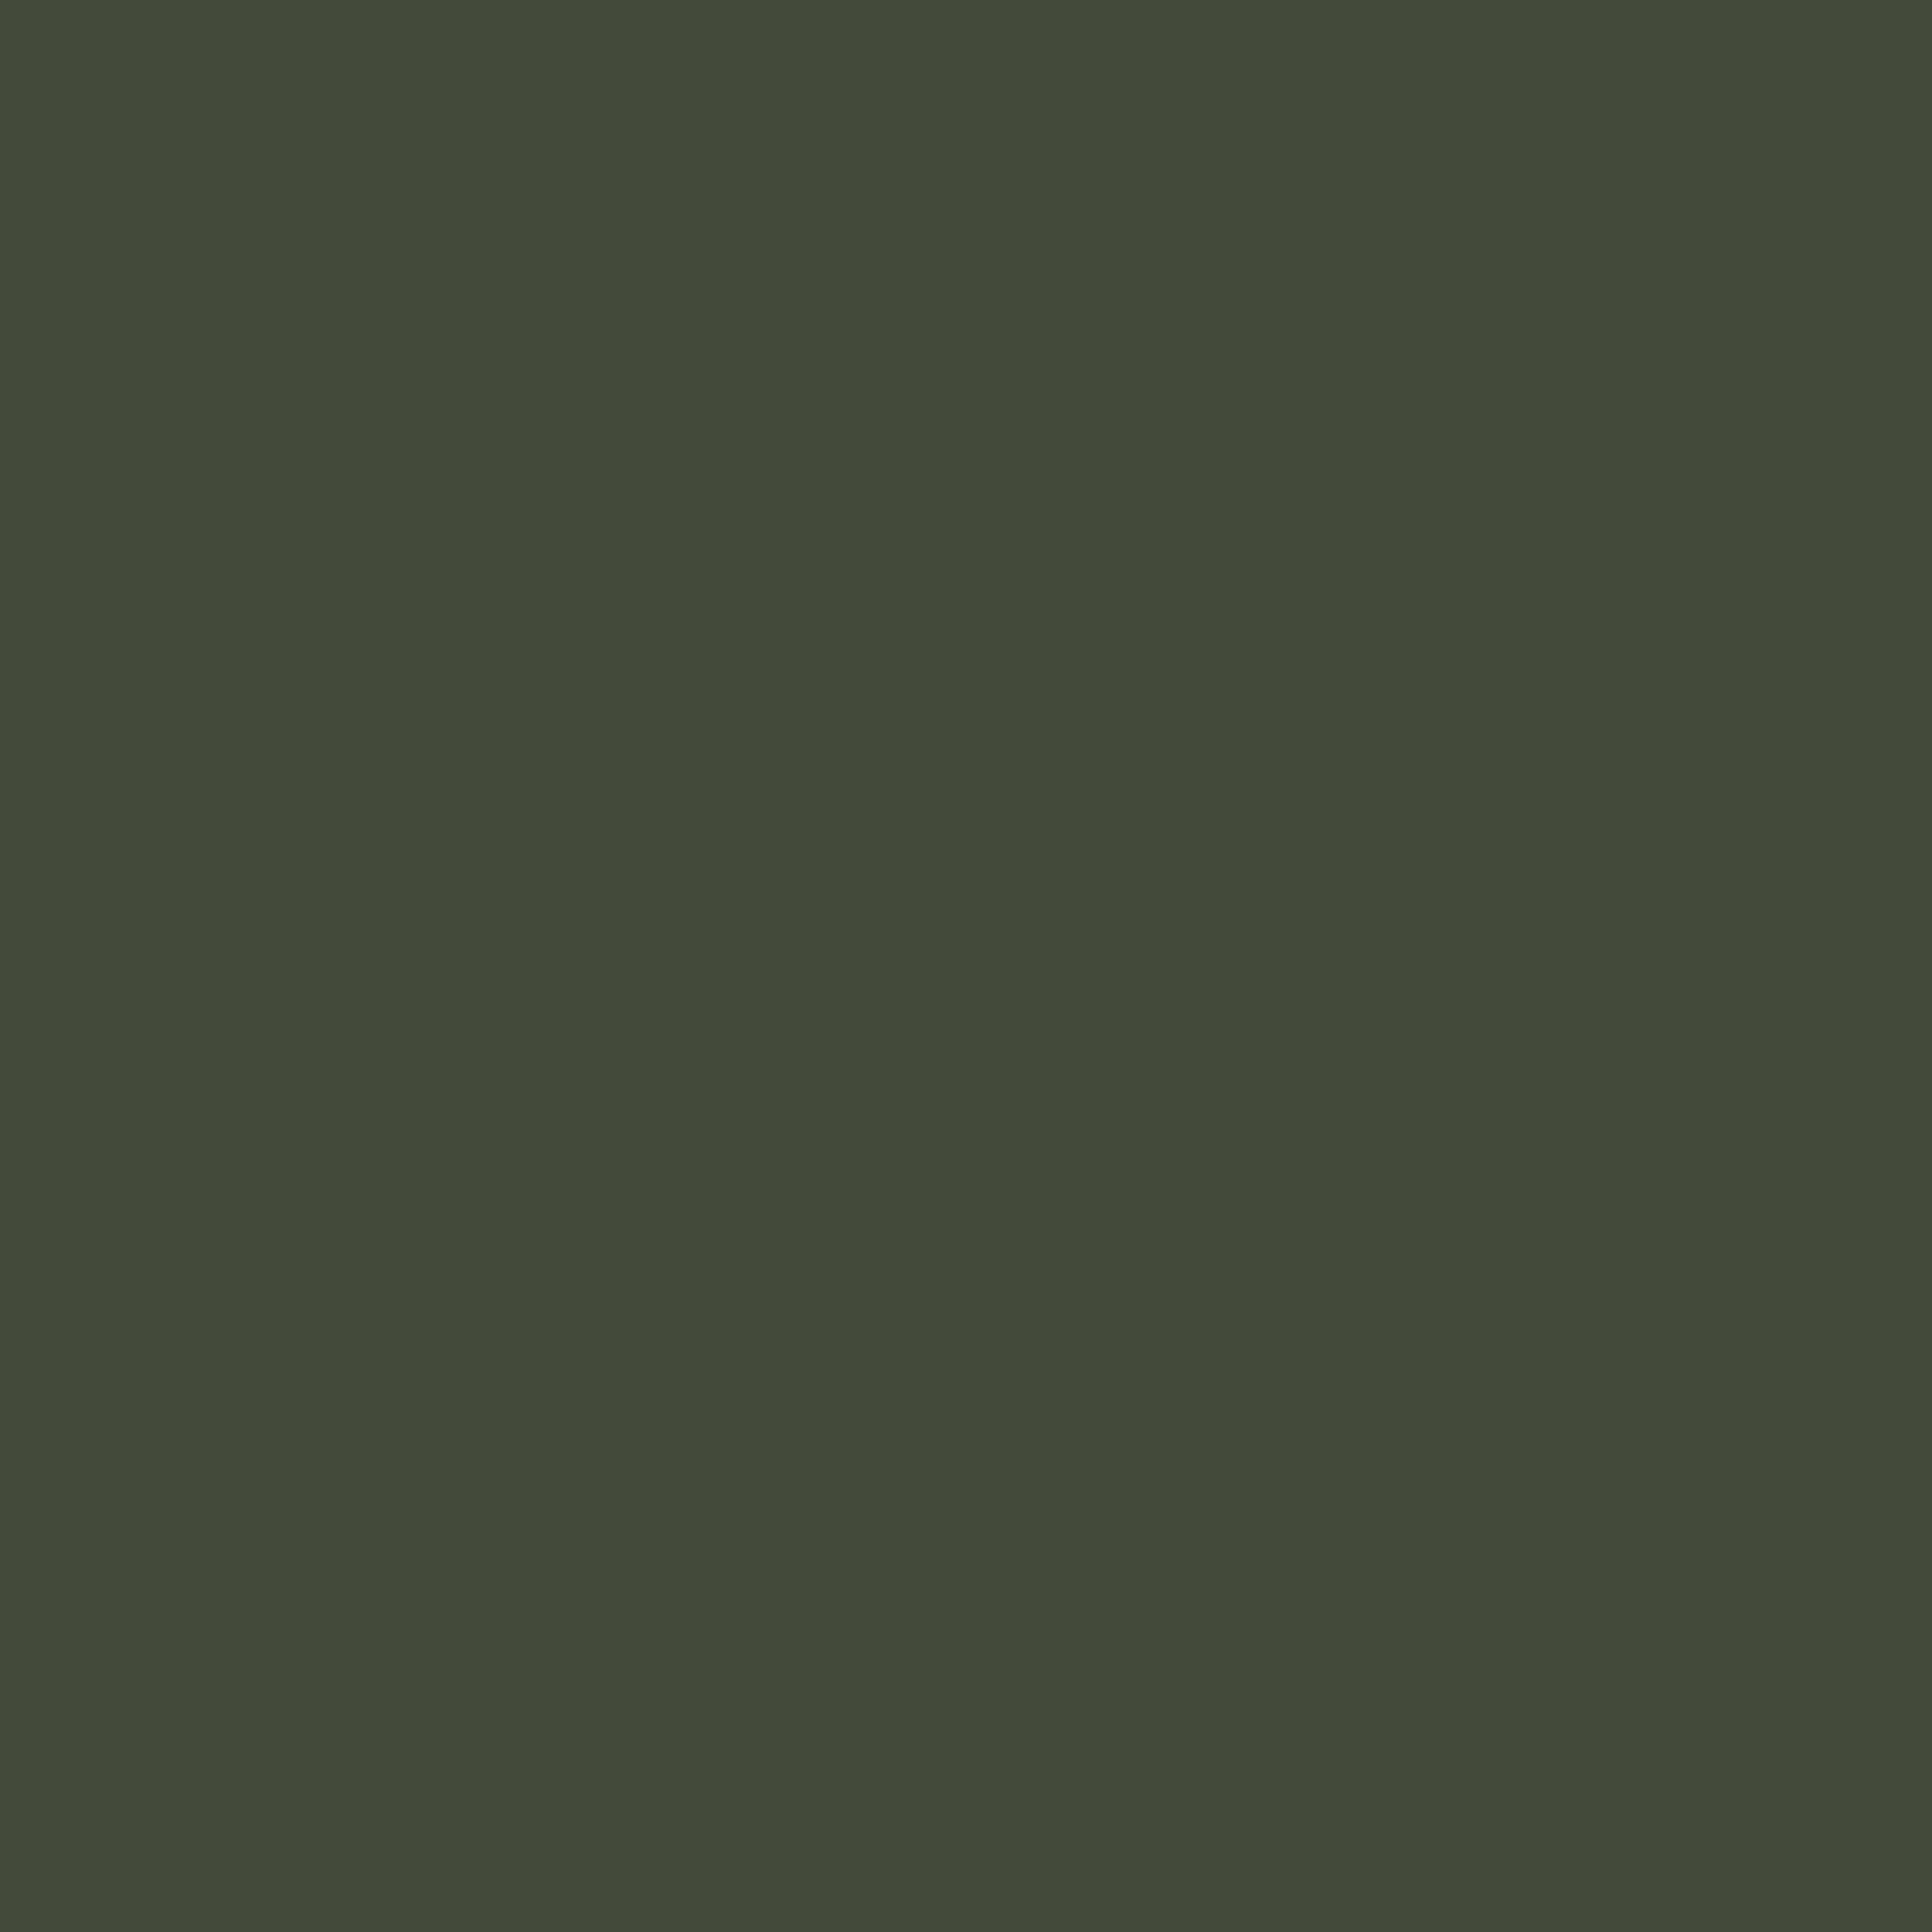 Vert chameau